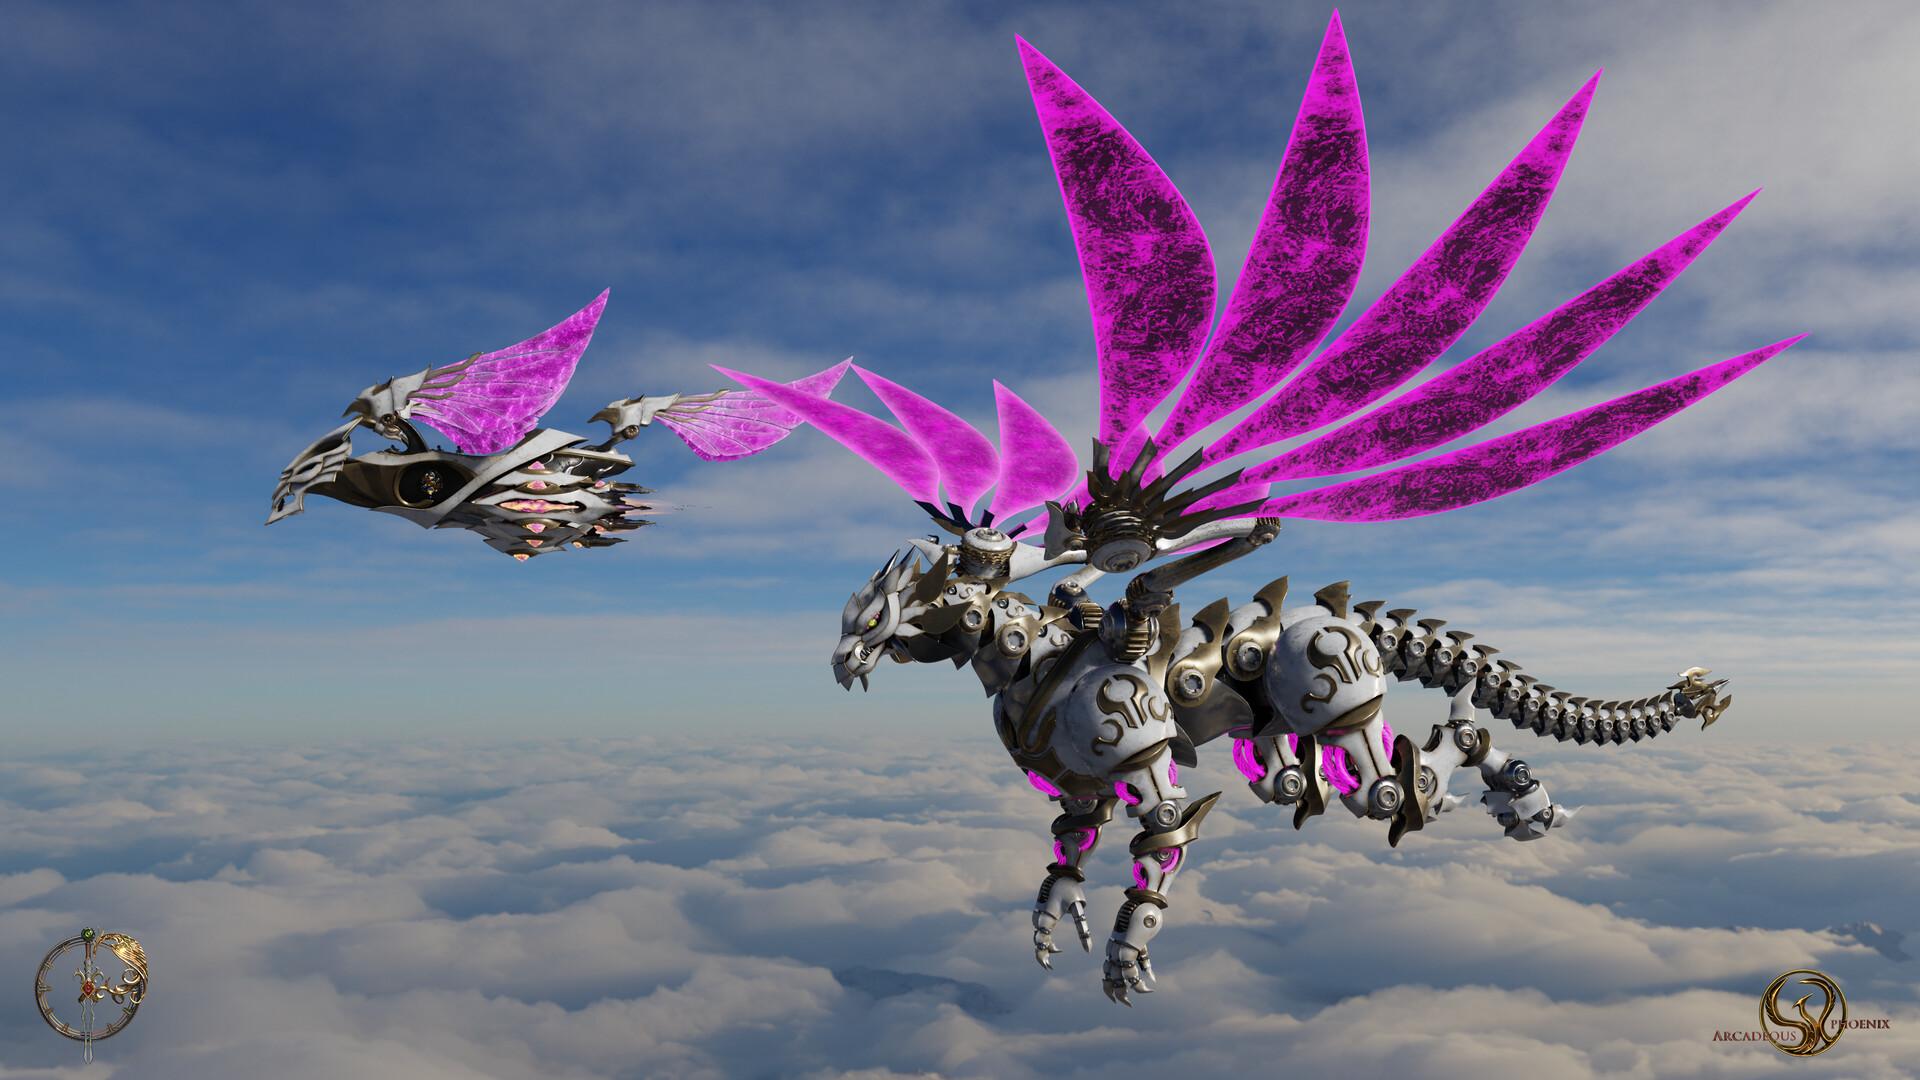 Arcadeous phoenix cw dragon2 wallpaper